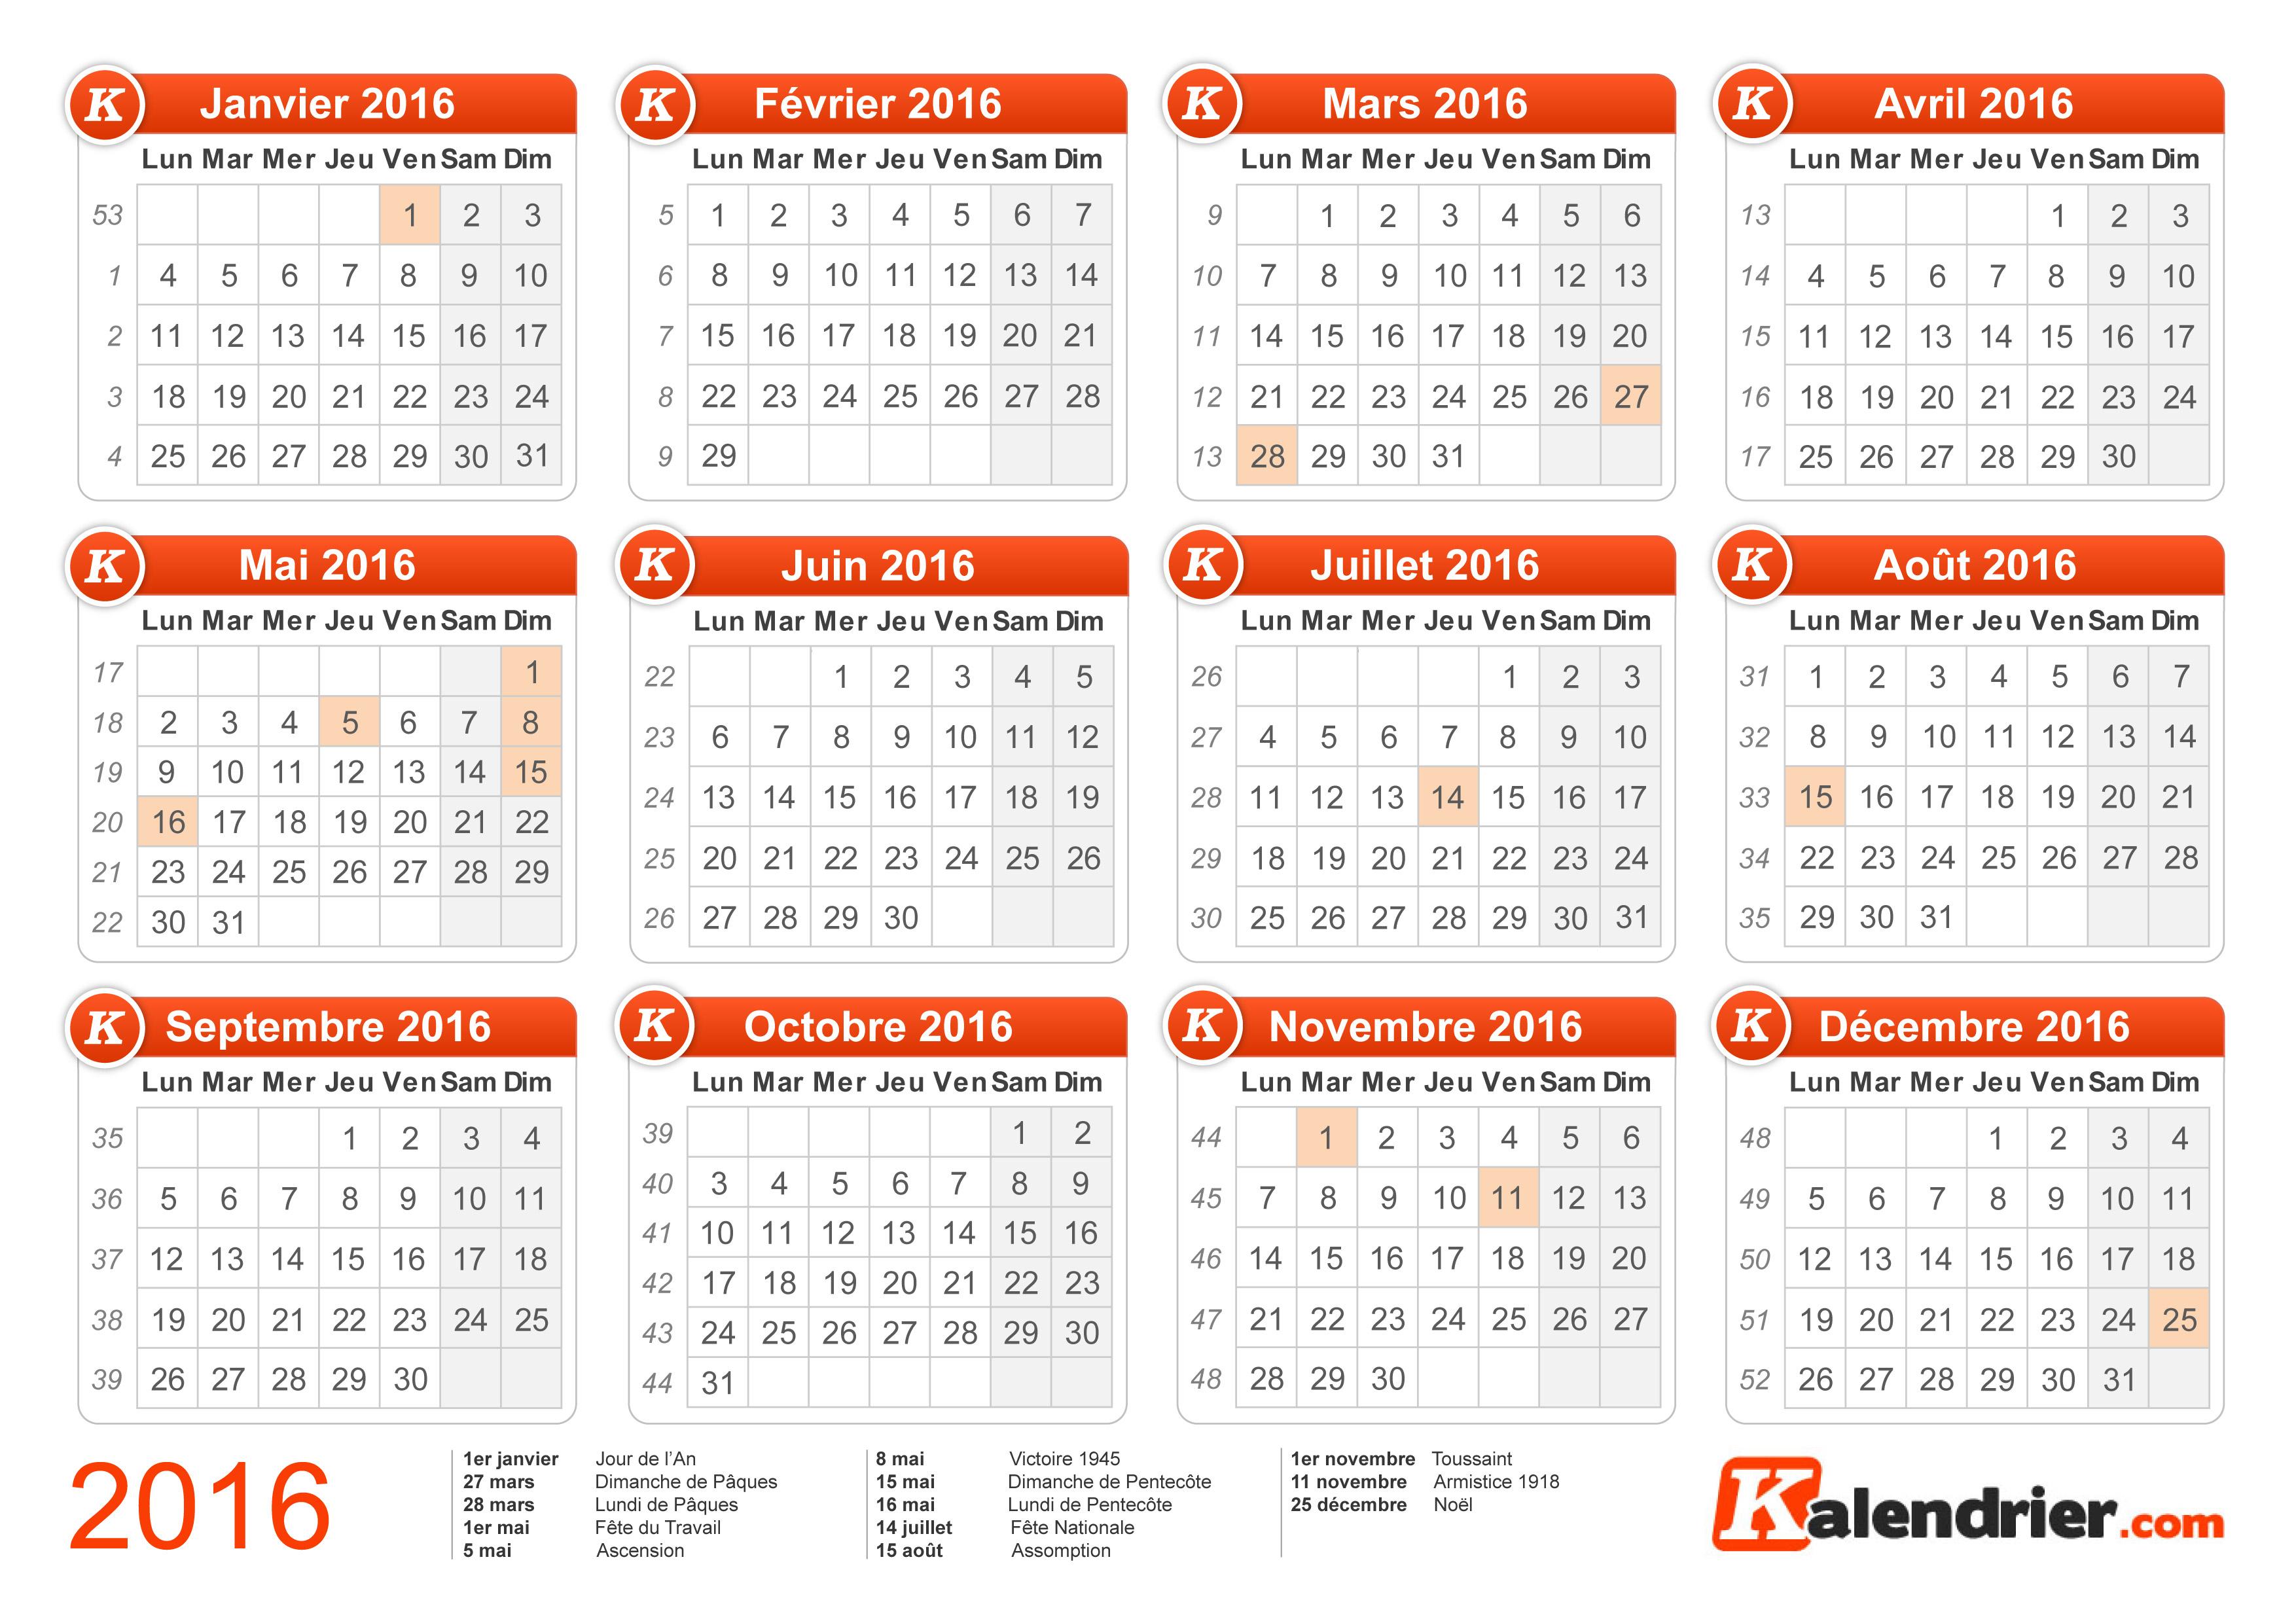 Calendrier semaine paire et impaire 2016